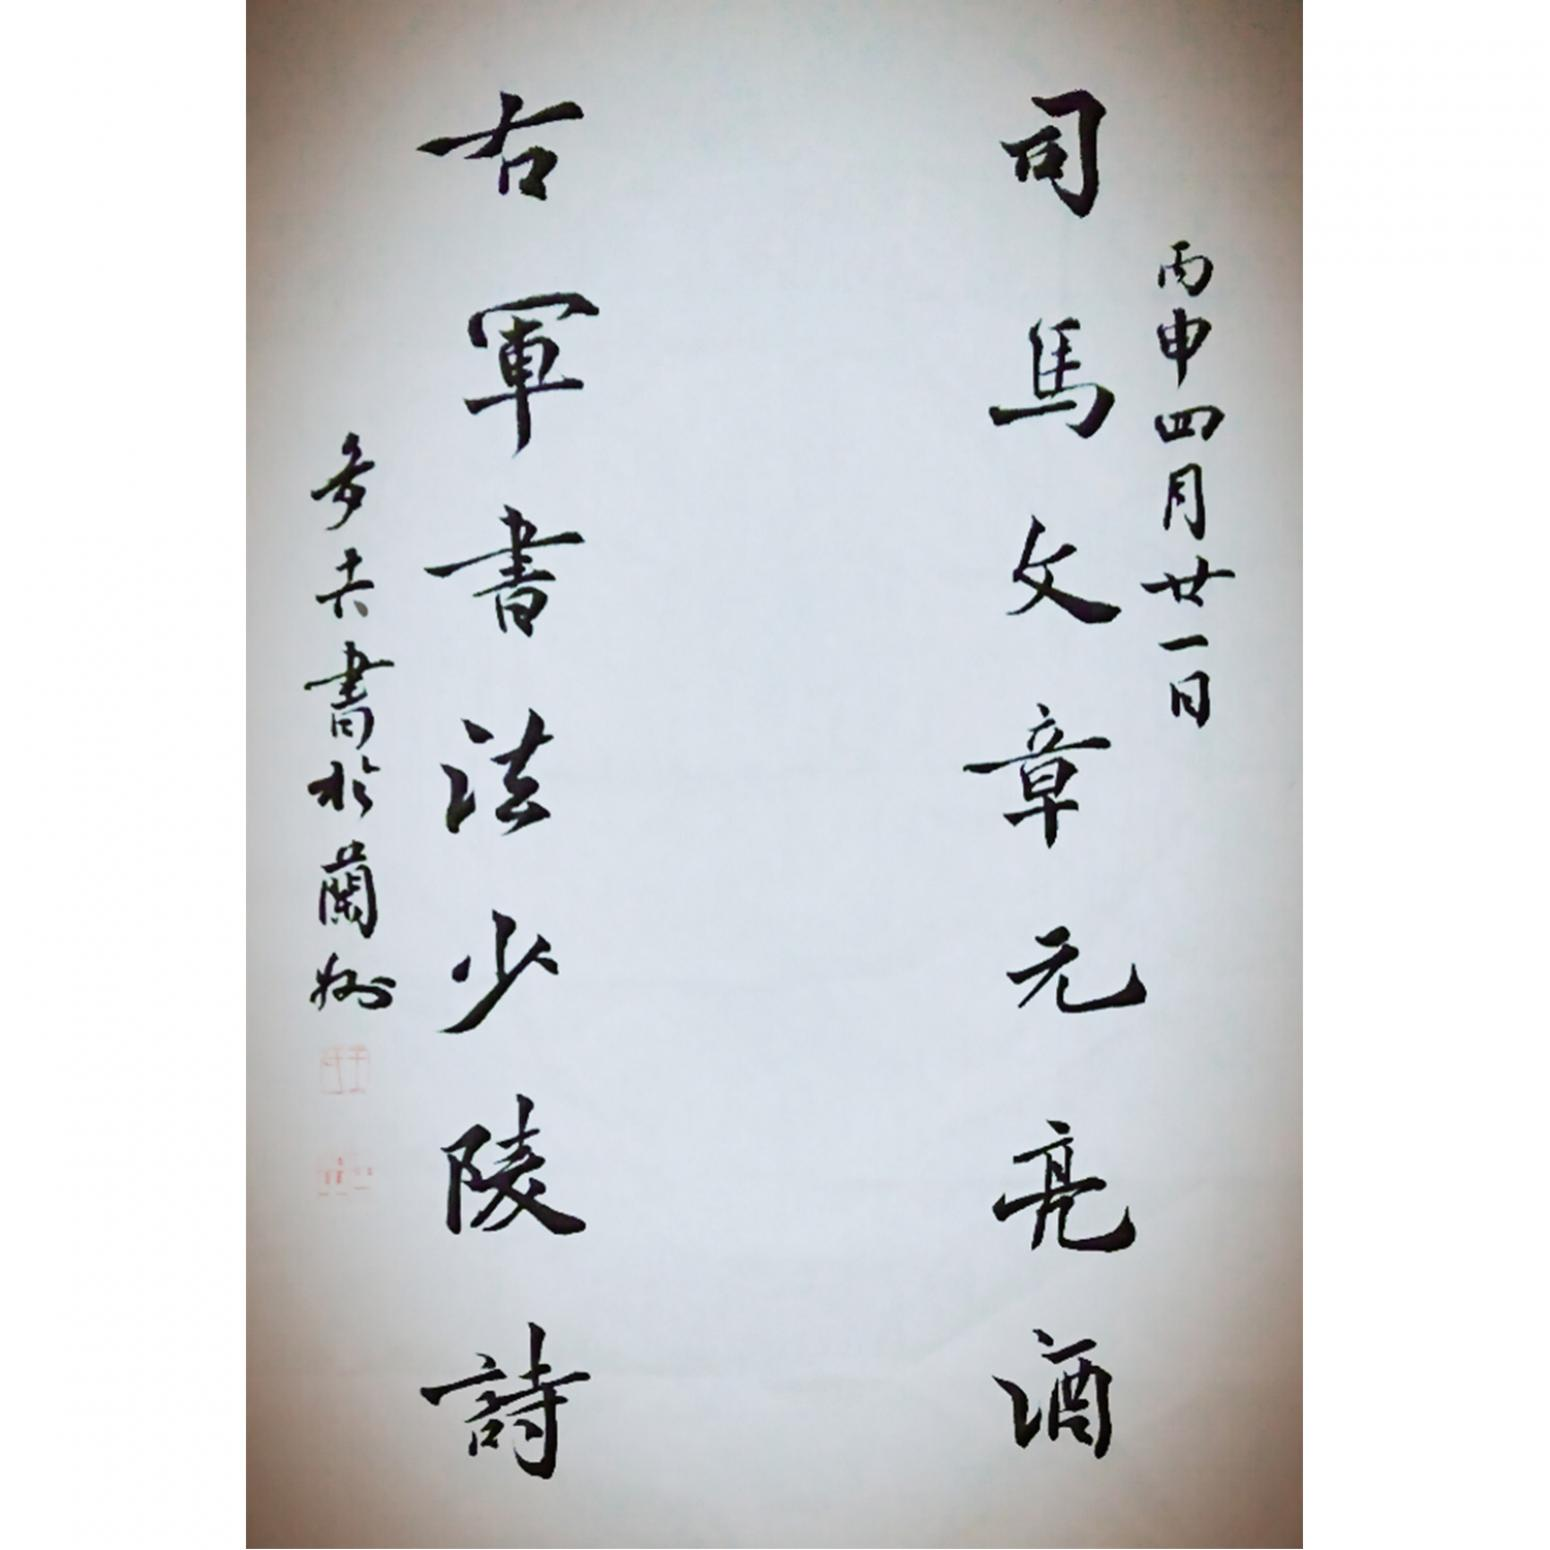 王多吉书法作品《【司马右军】作者王多吉》